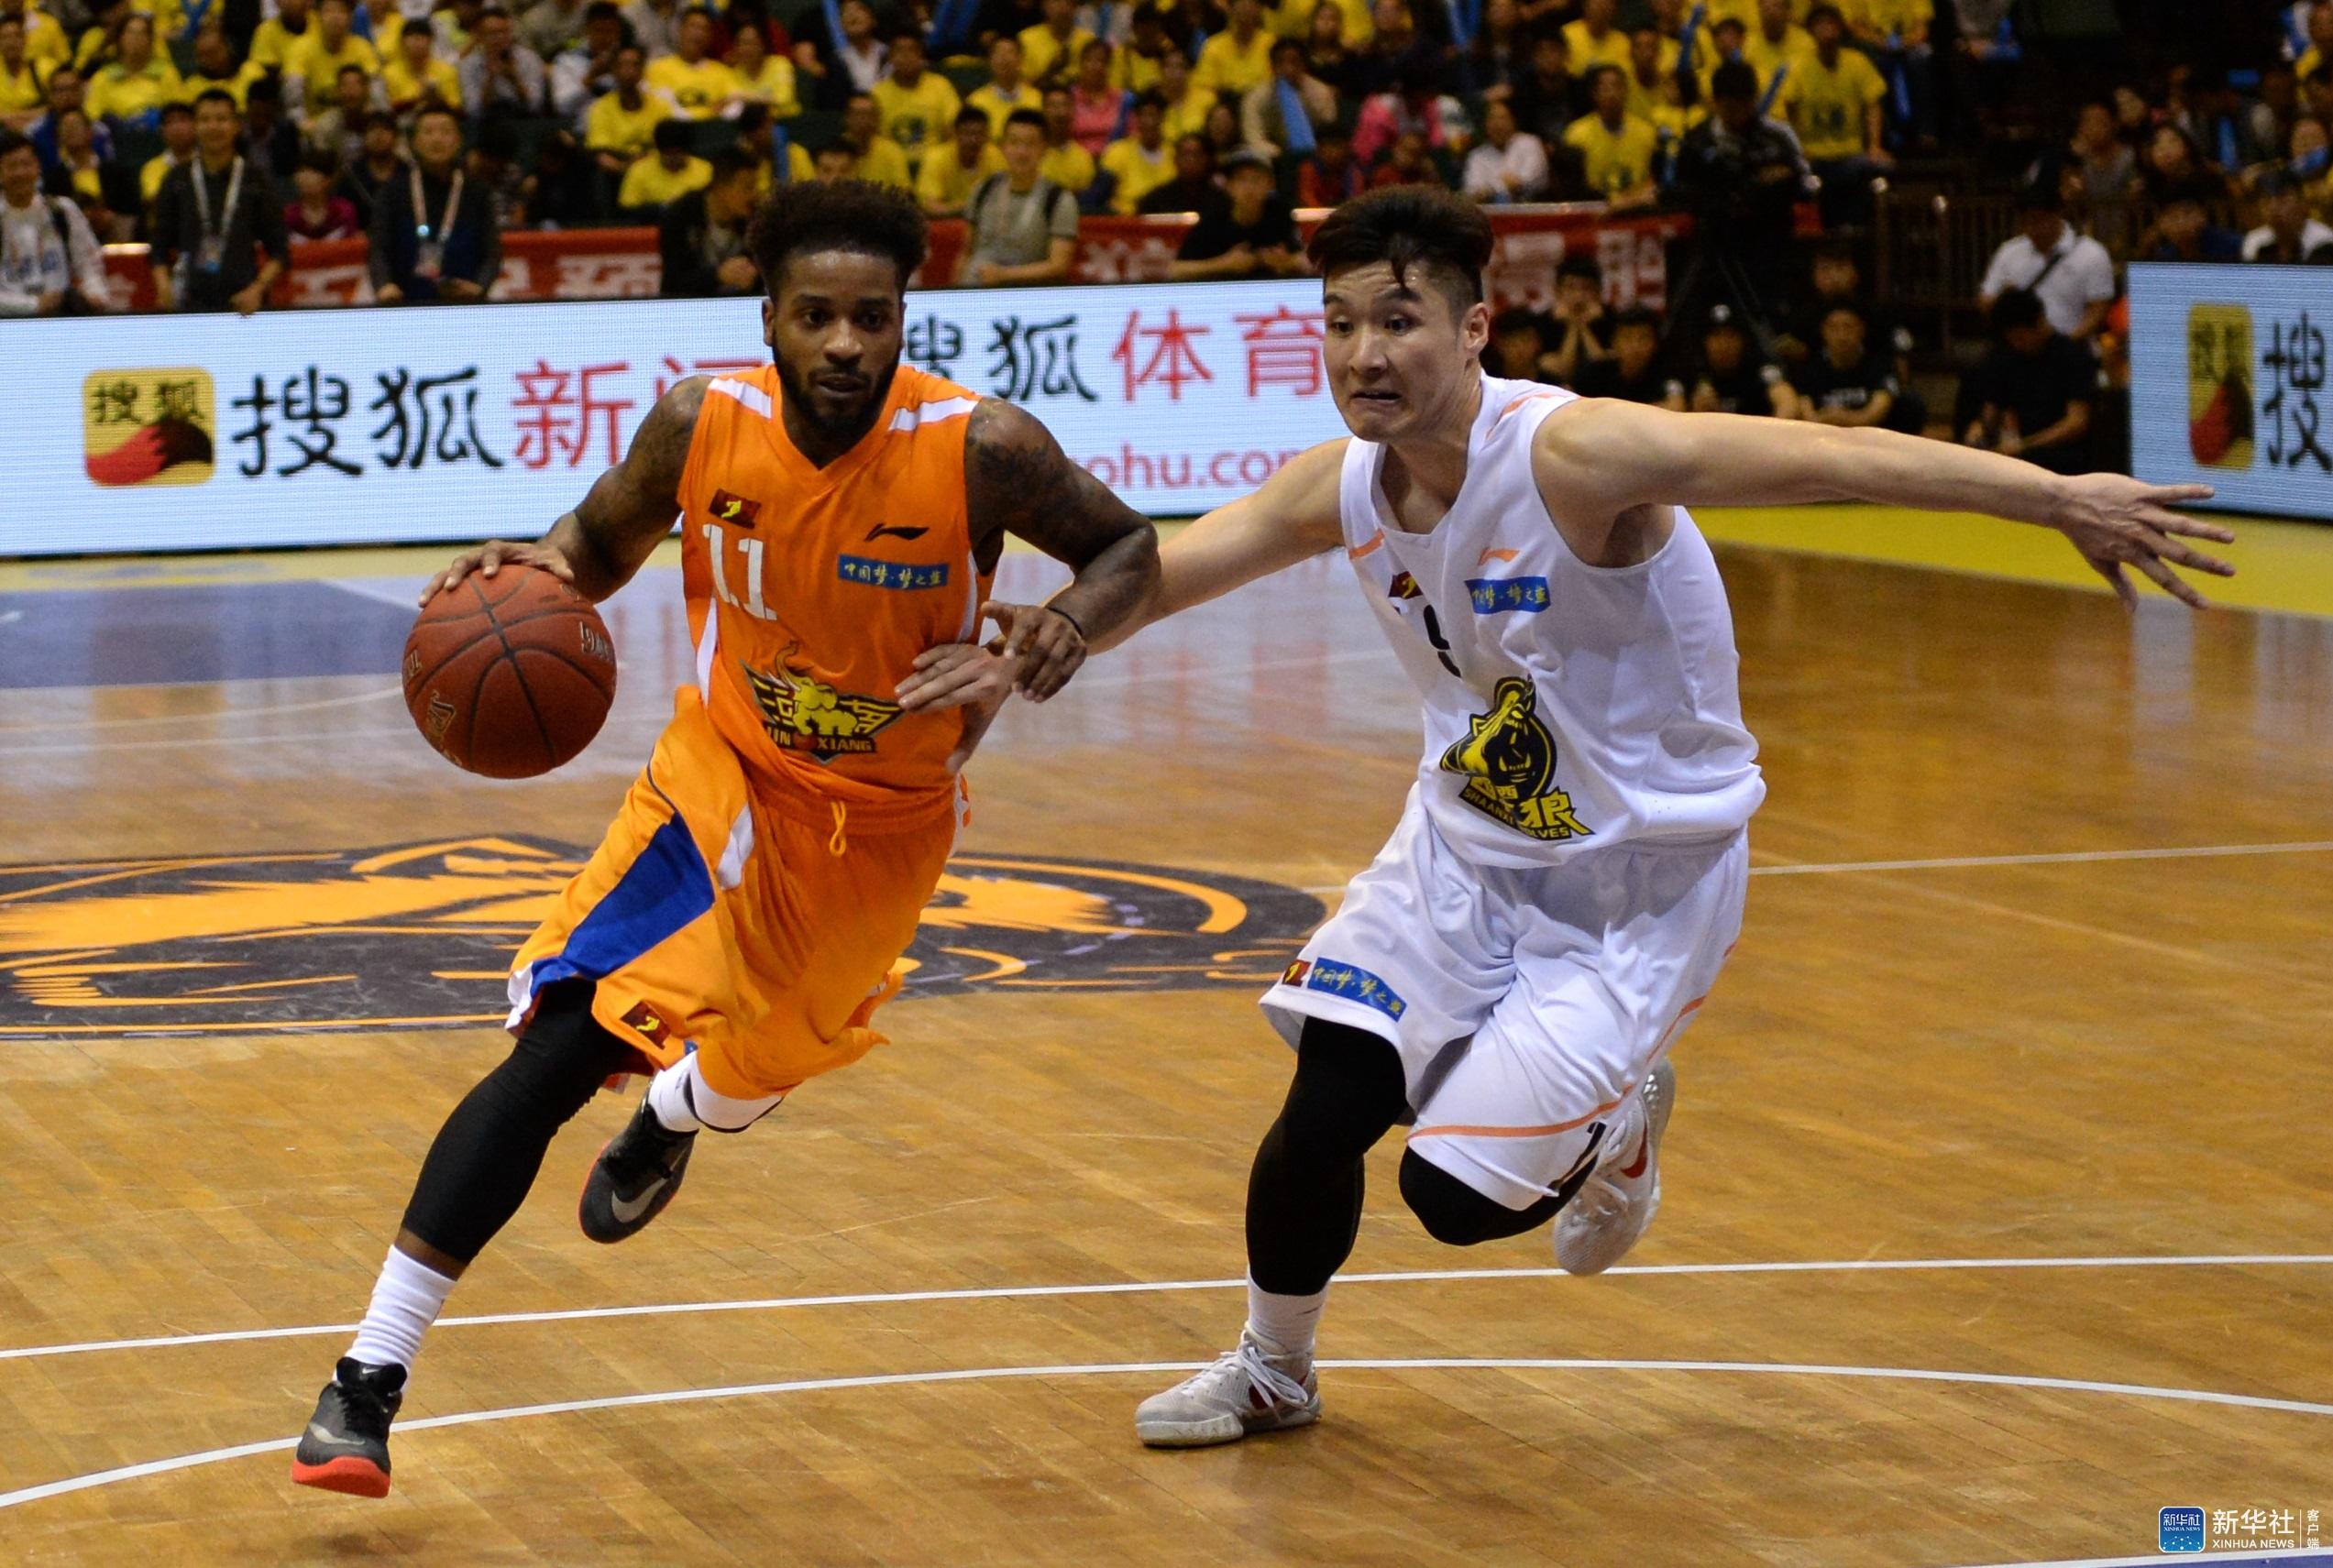 2016年全国男子篮球联赛(NBL)揭幕战在西安城市运动公园体育馆打响,主场作战的陕西信达队以109比105战胜河南赊店老酒队。 新华社记者李一博摄